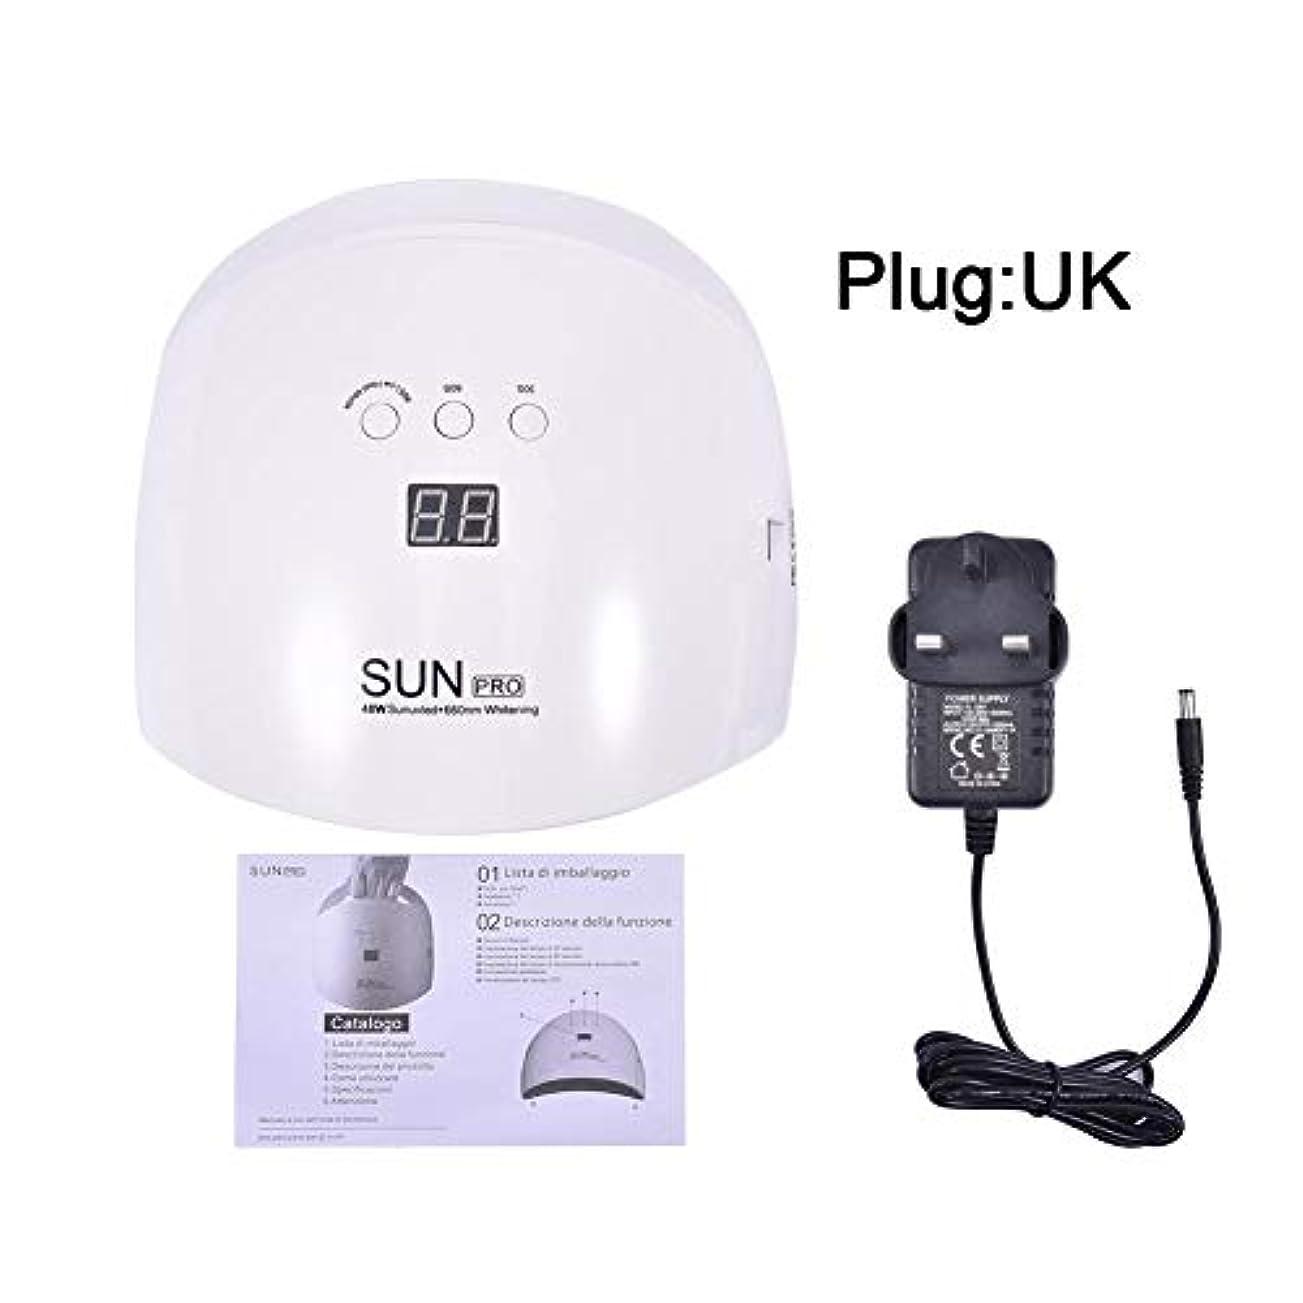 振るうアレルギーつかまえる48W Dual Light Source Nail Light Therapy Lamp 23 LED Induction Nail Dryer Suitable For All Gel Nails Beauty And...